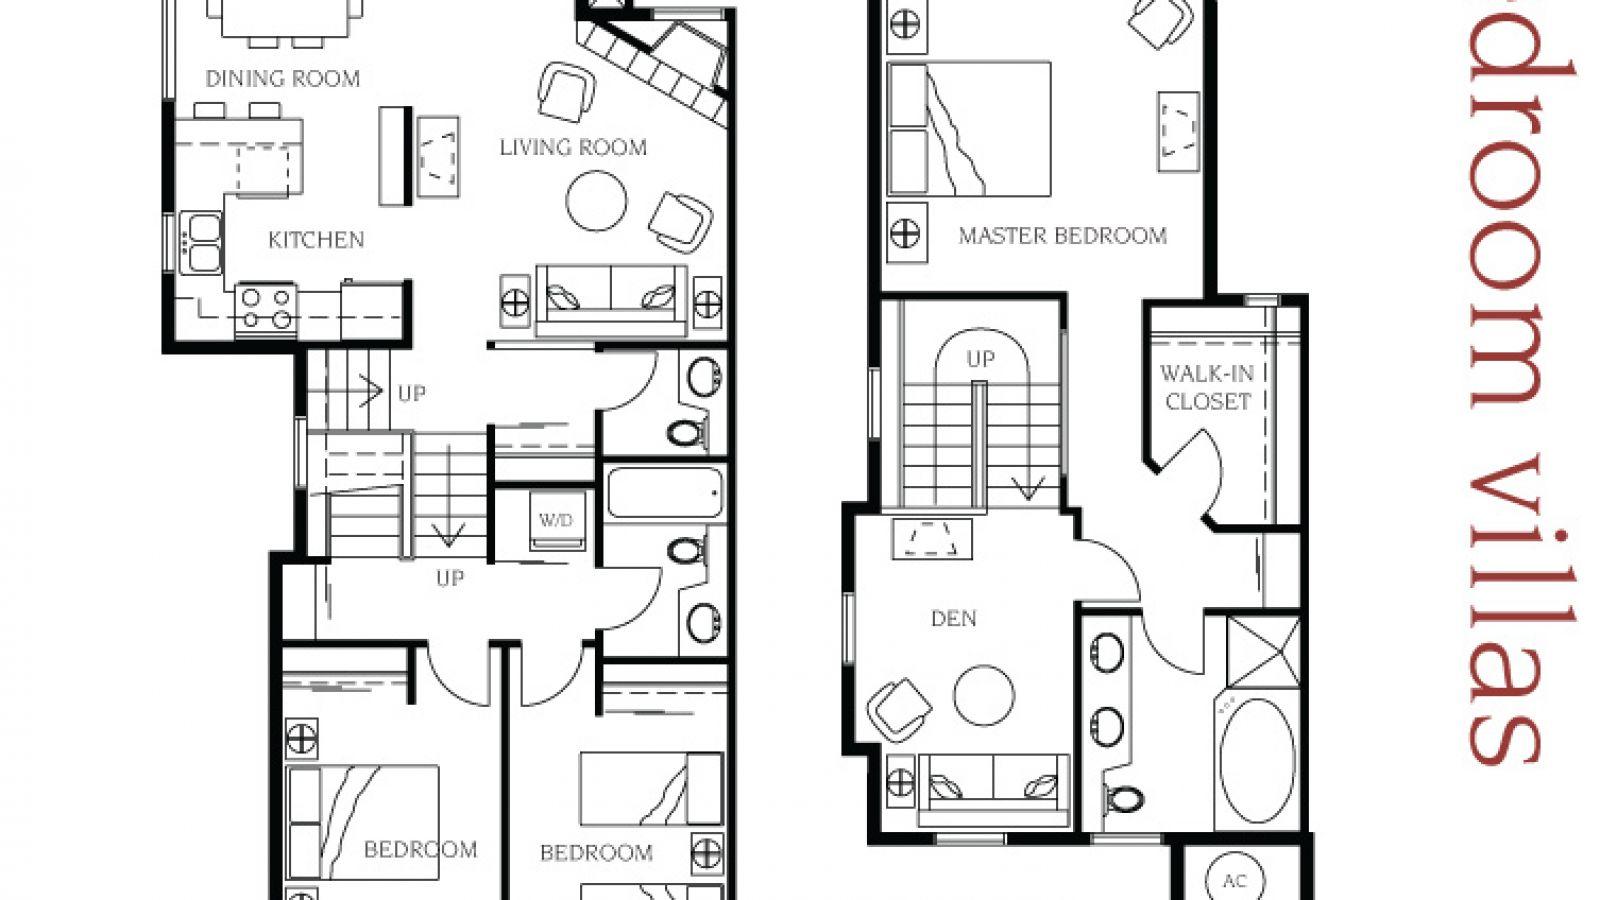 3 bedroom villa floor plan at Manteo